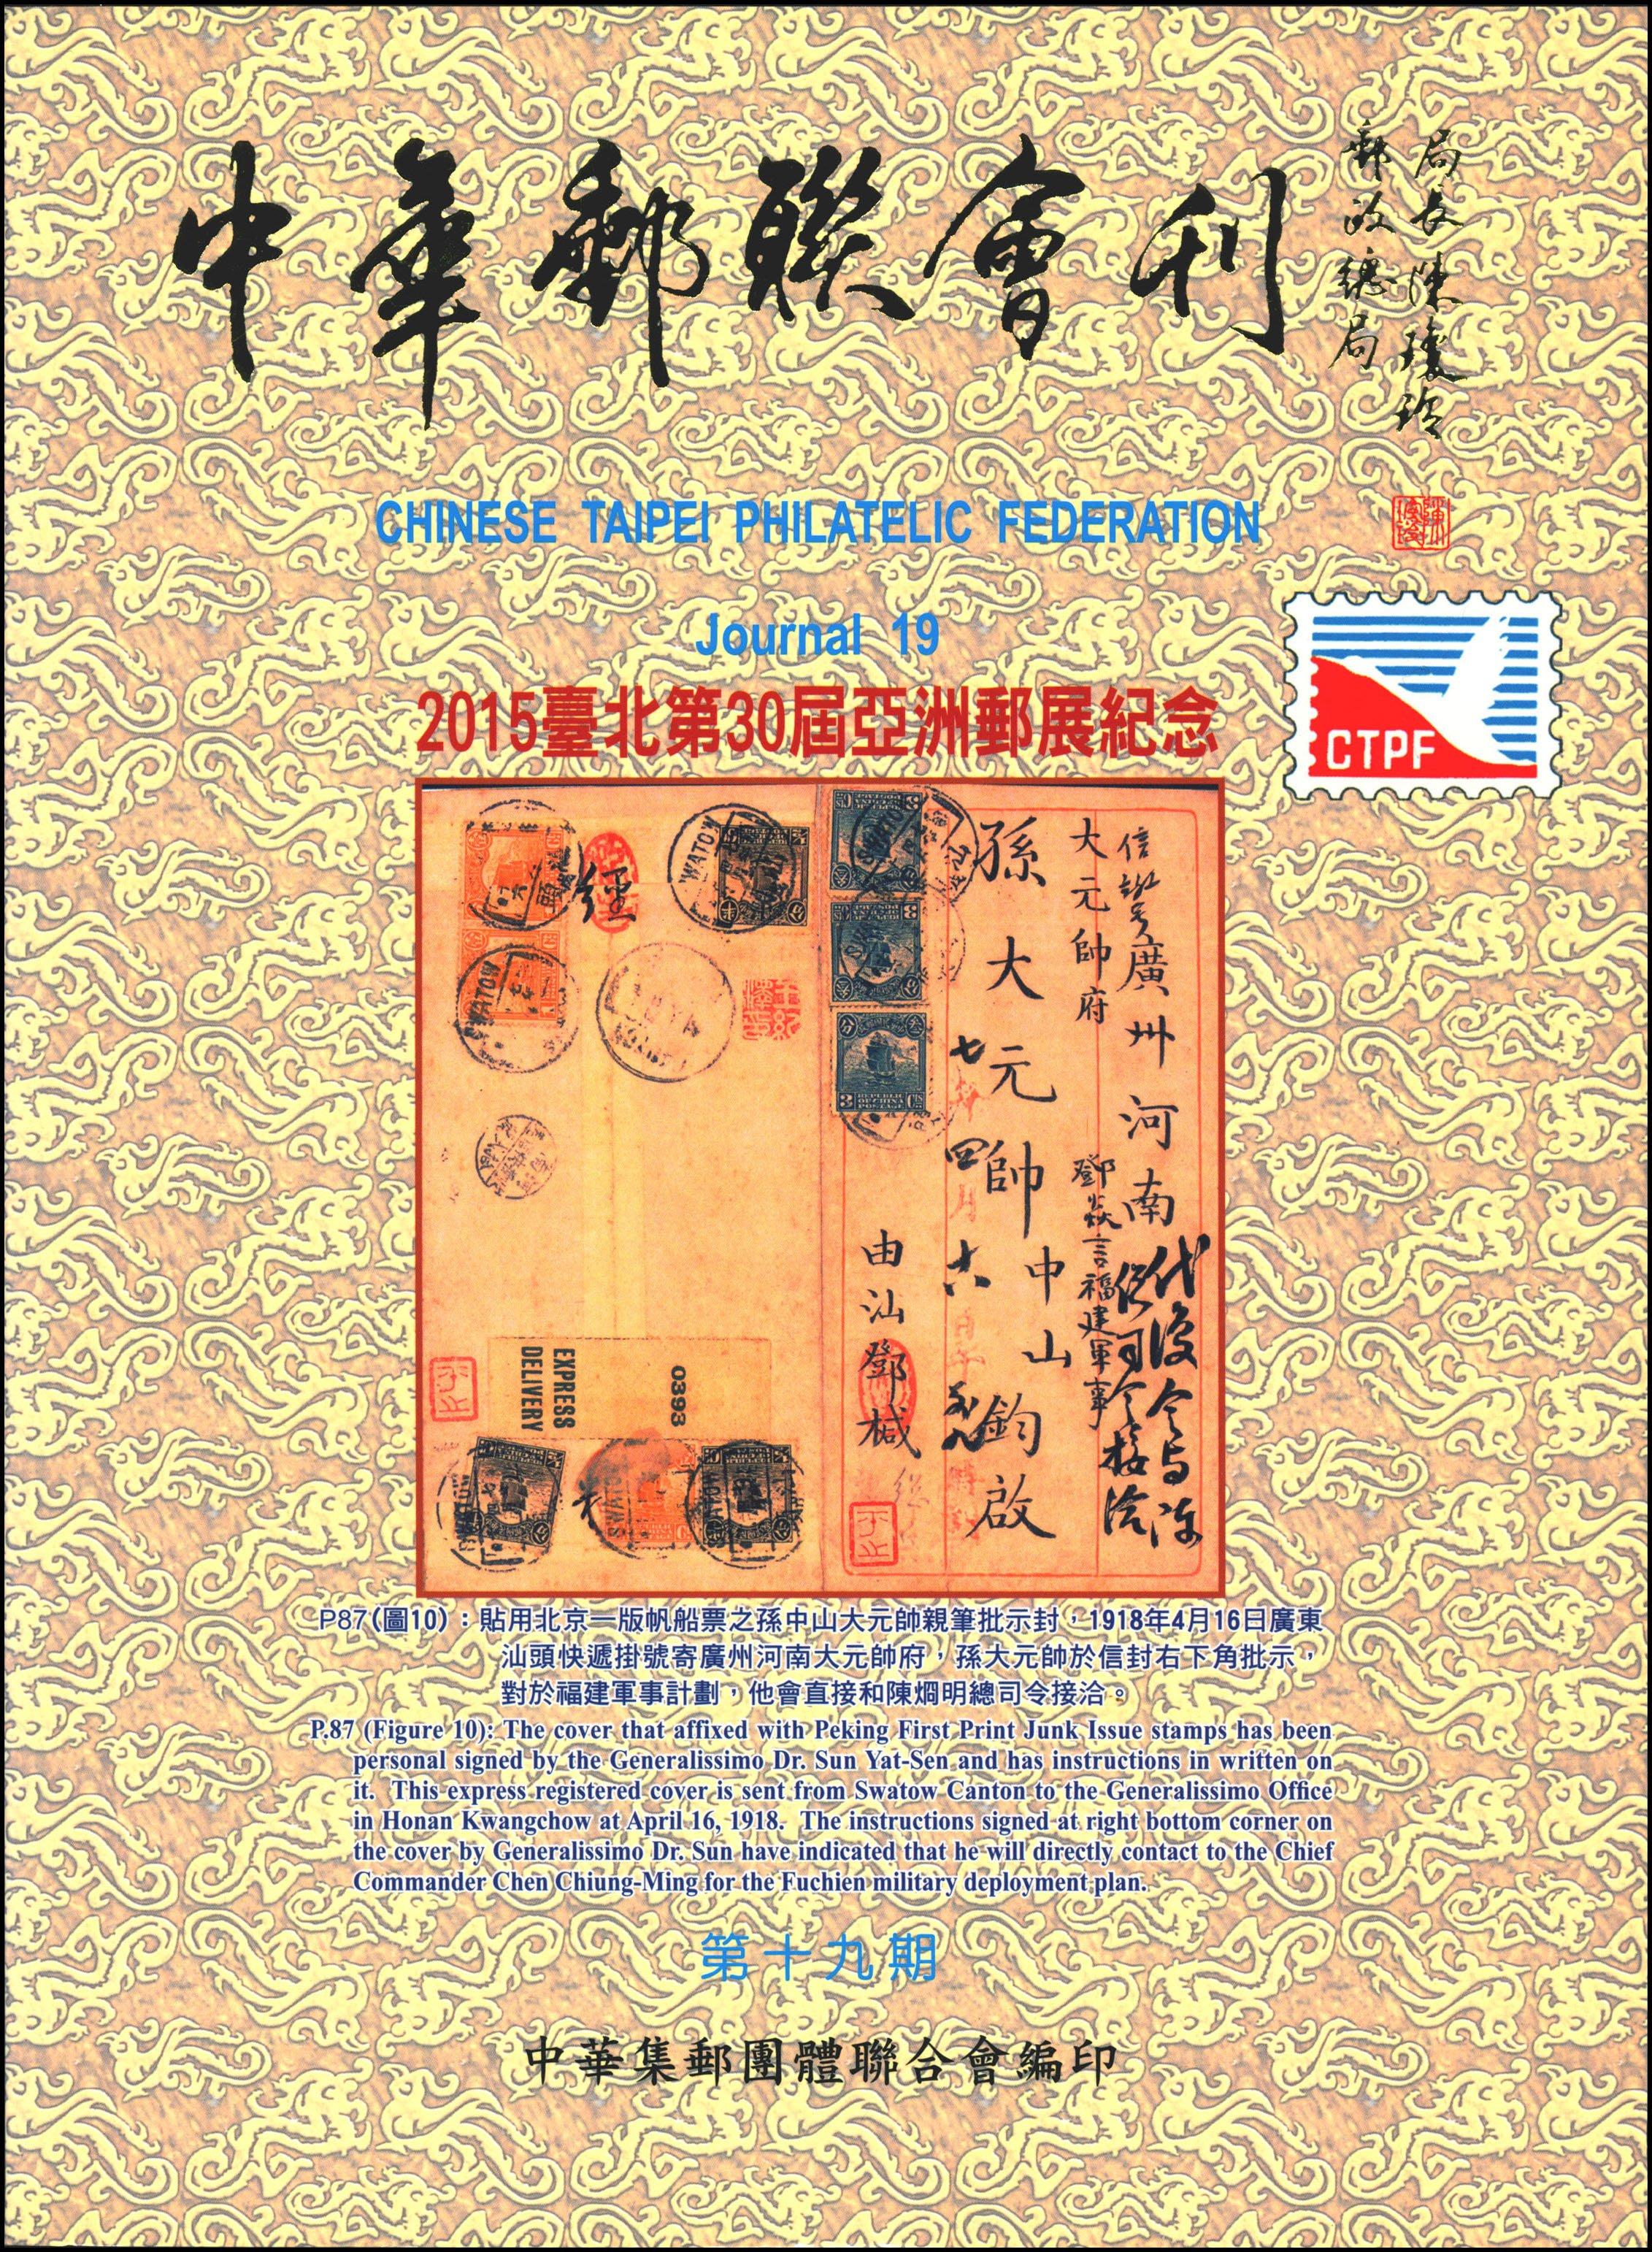 【全方位】中華郵聯會刊第19期 中華集郵團體聯合會編印